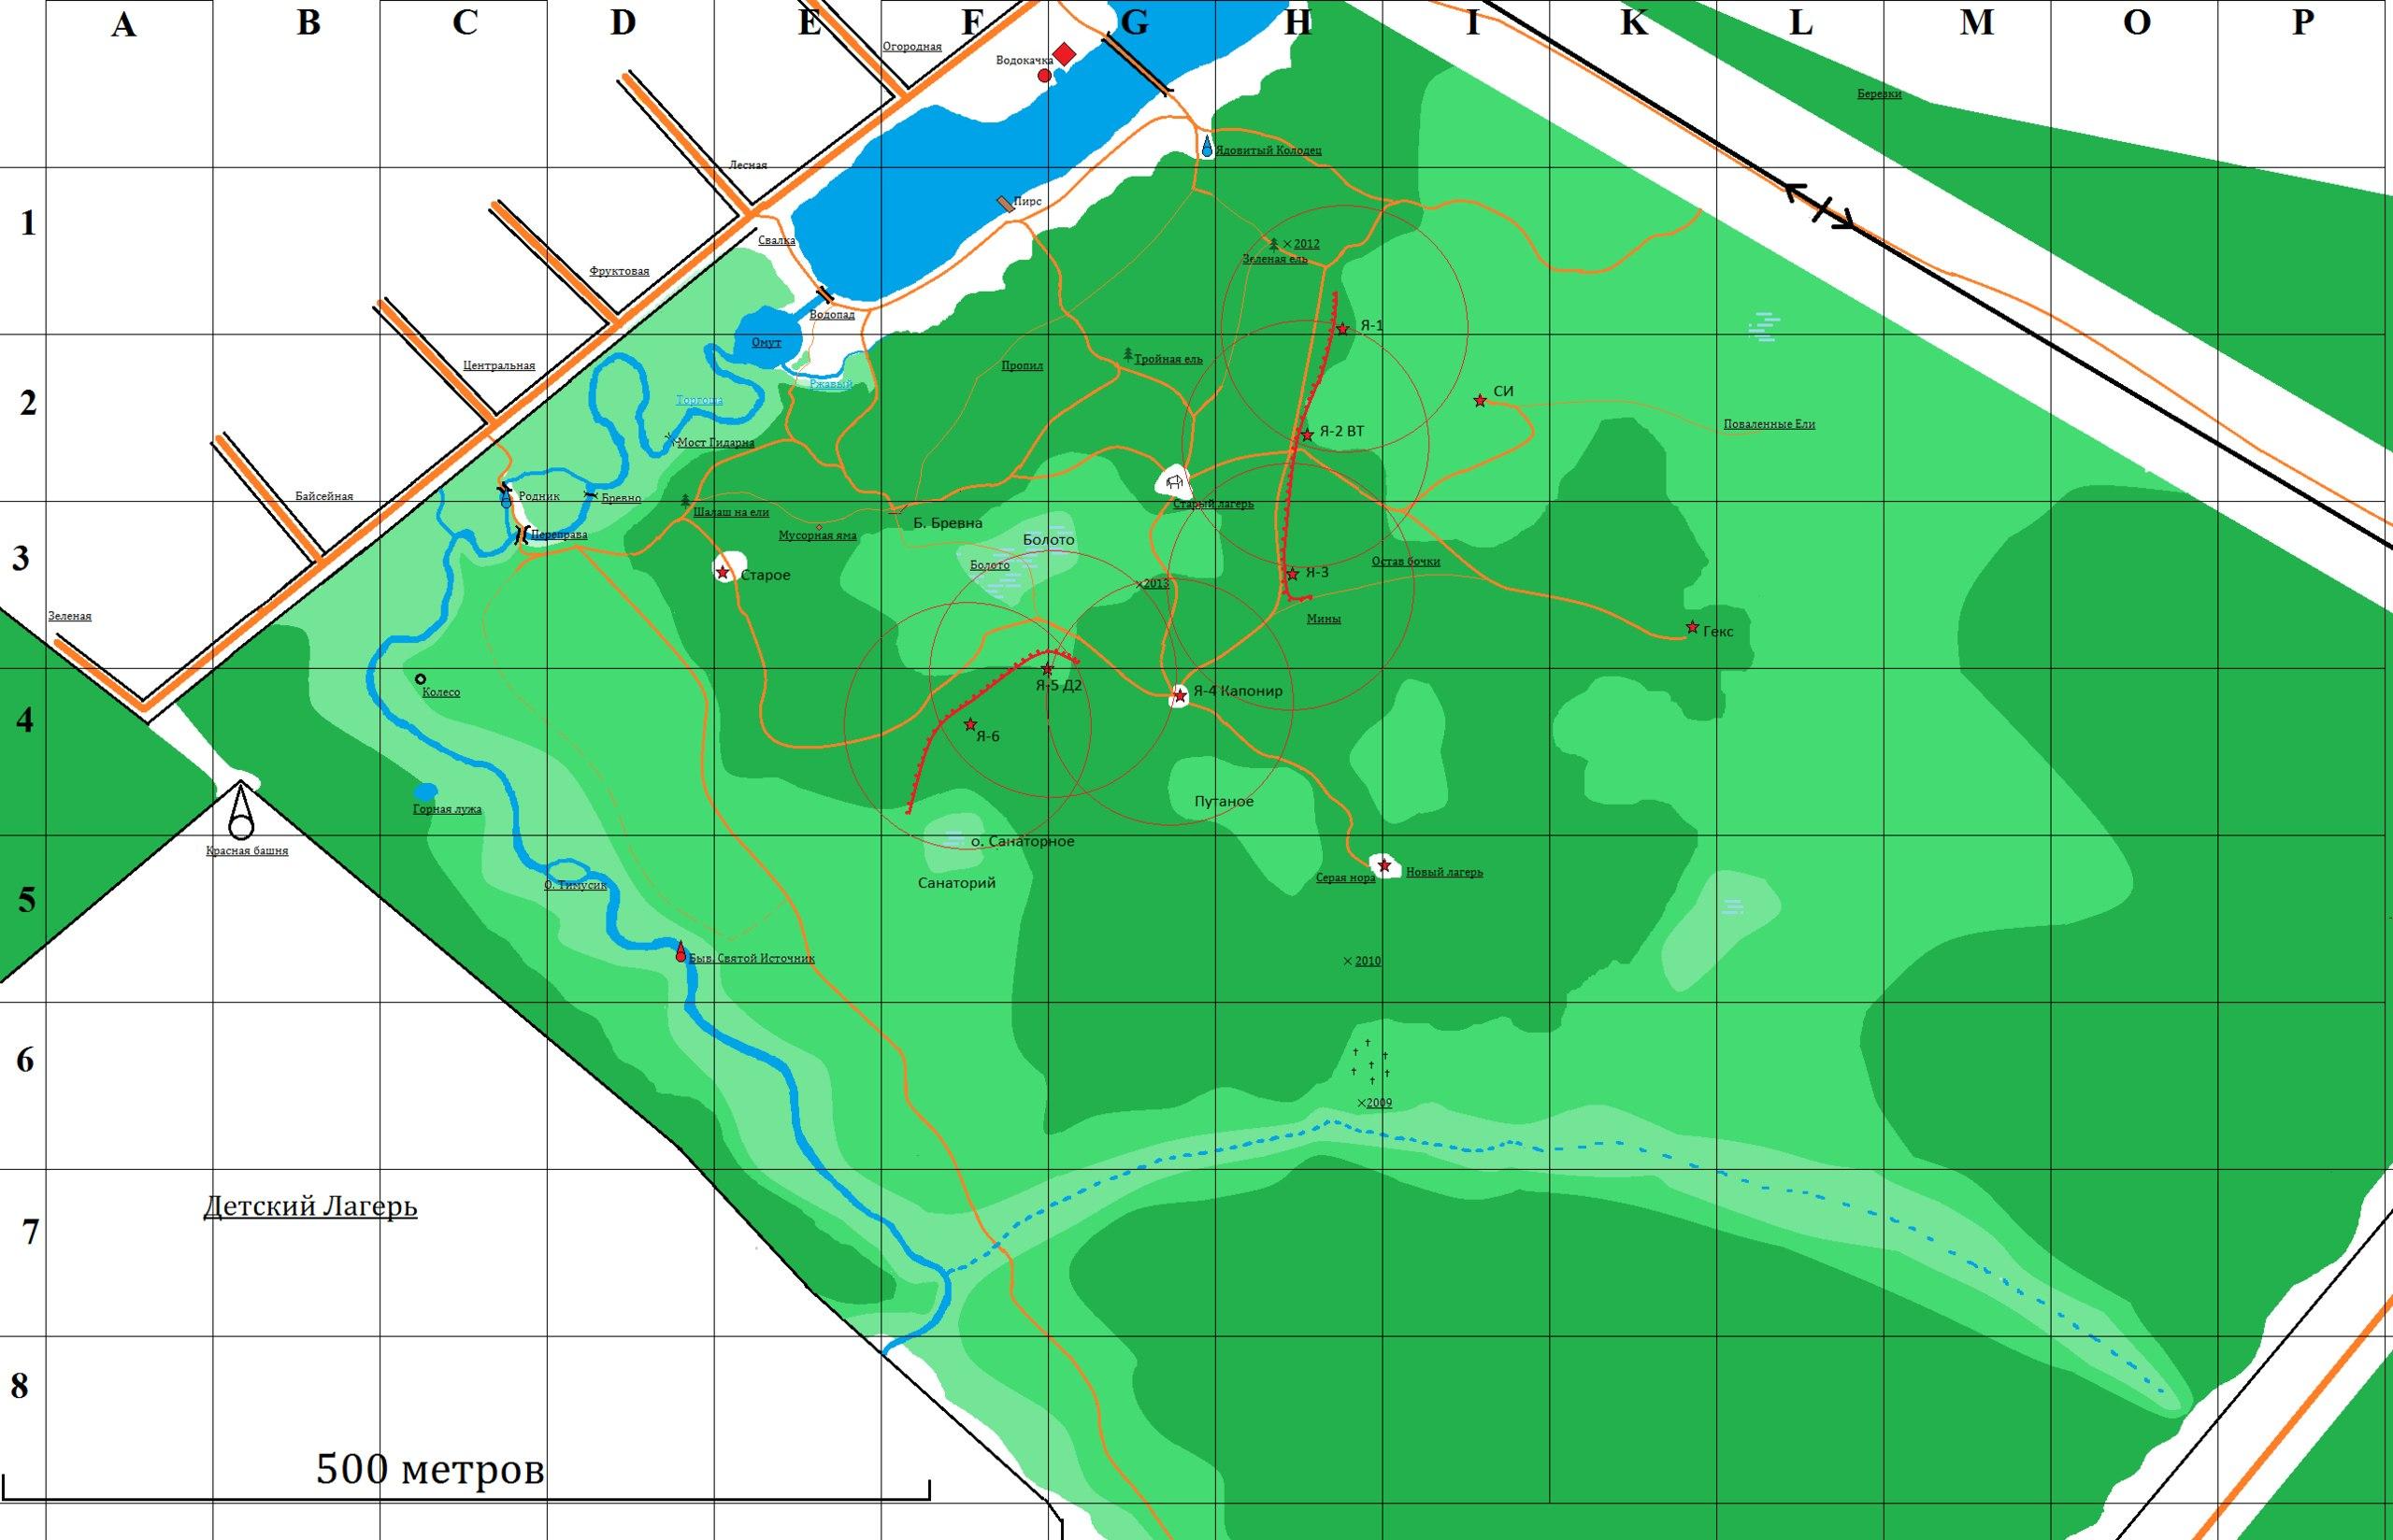 Игротехническая карта М2014.